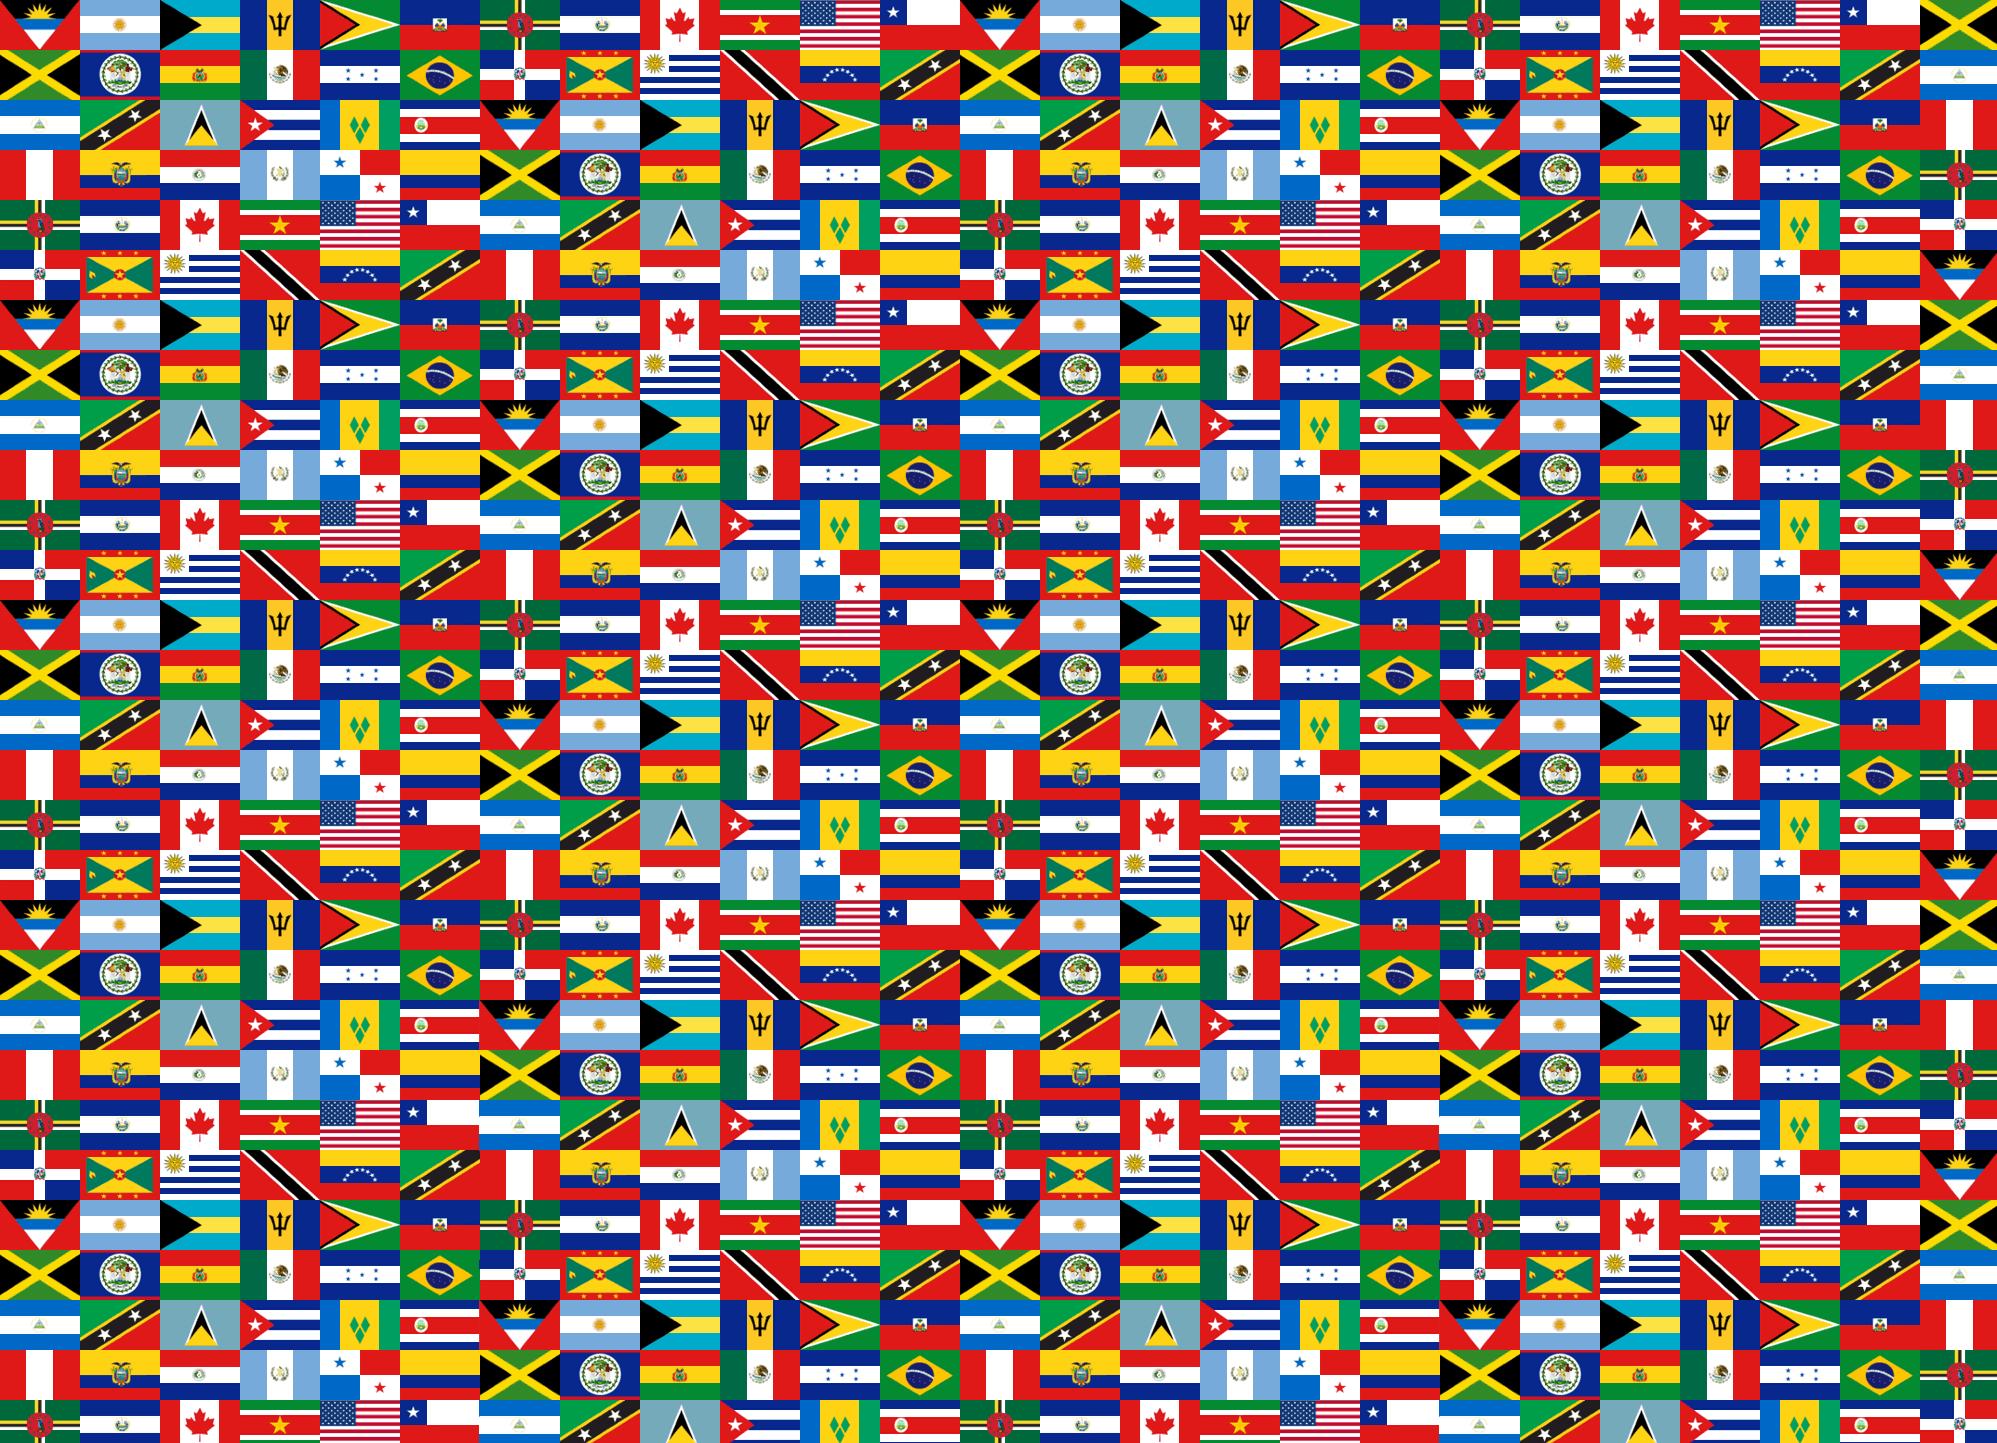 Drapeaux D'amérique Quiz - Jeux De Géographie encequiconcerne Jeux De Geographie